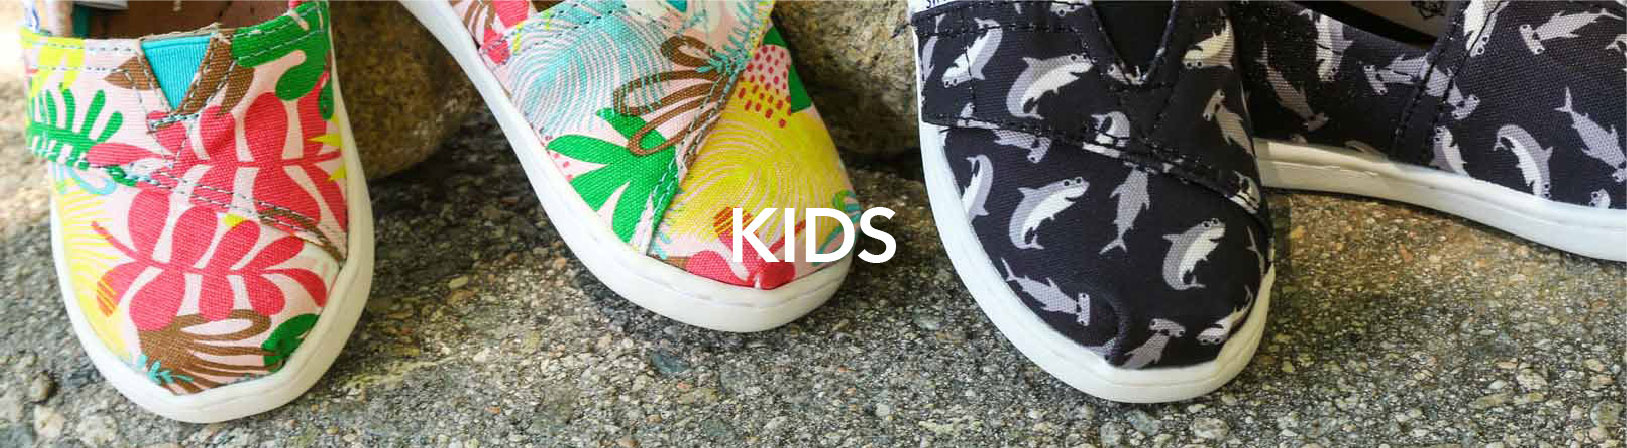 Kid's Toms | Tiltedsole.com